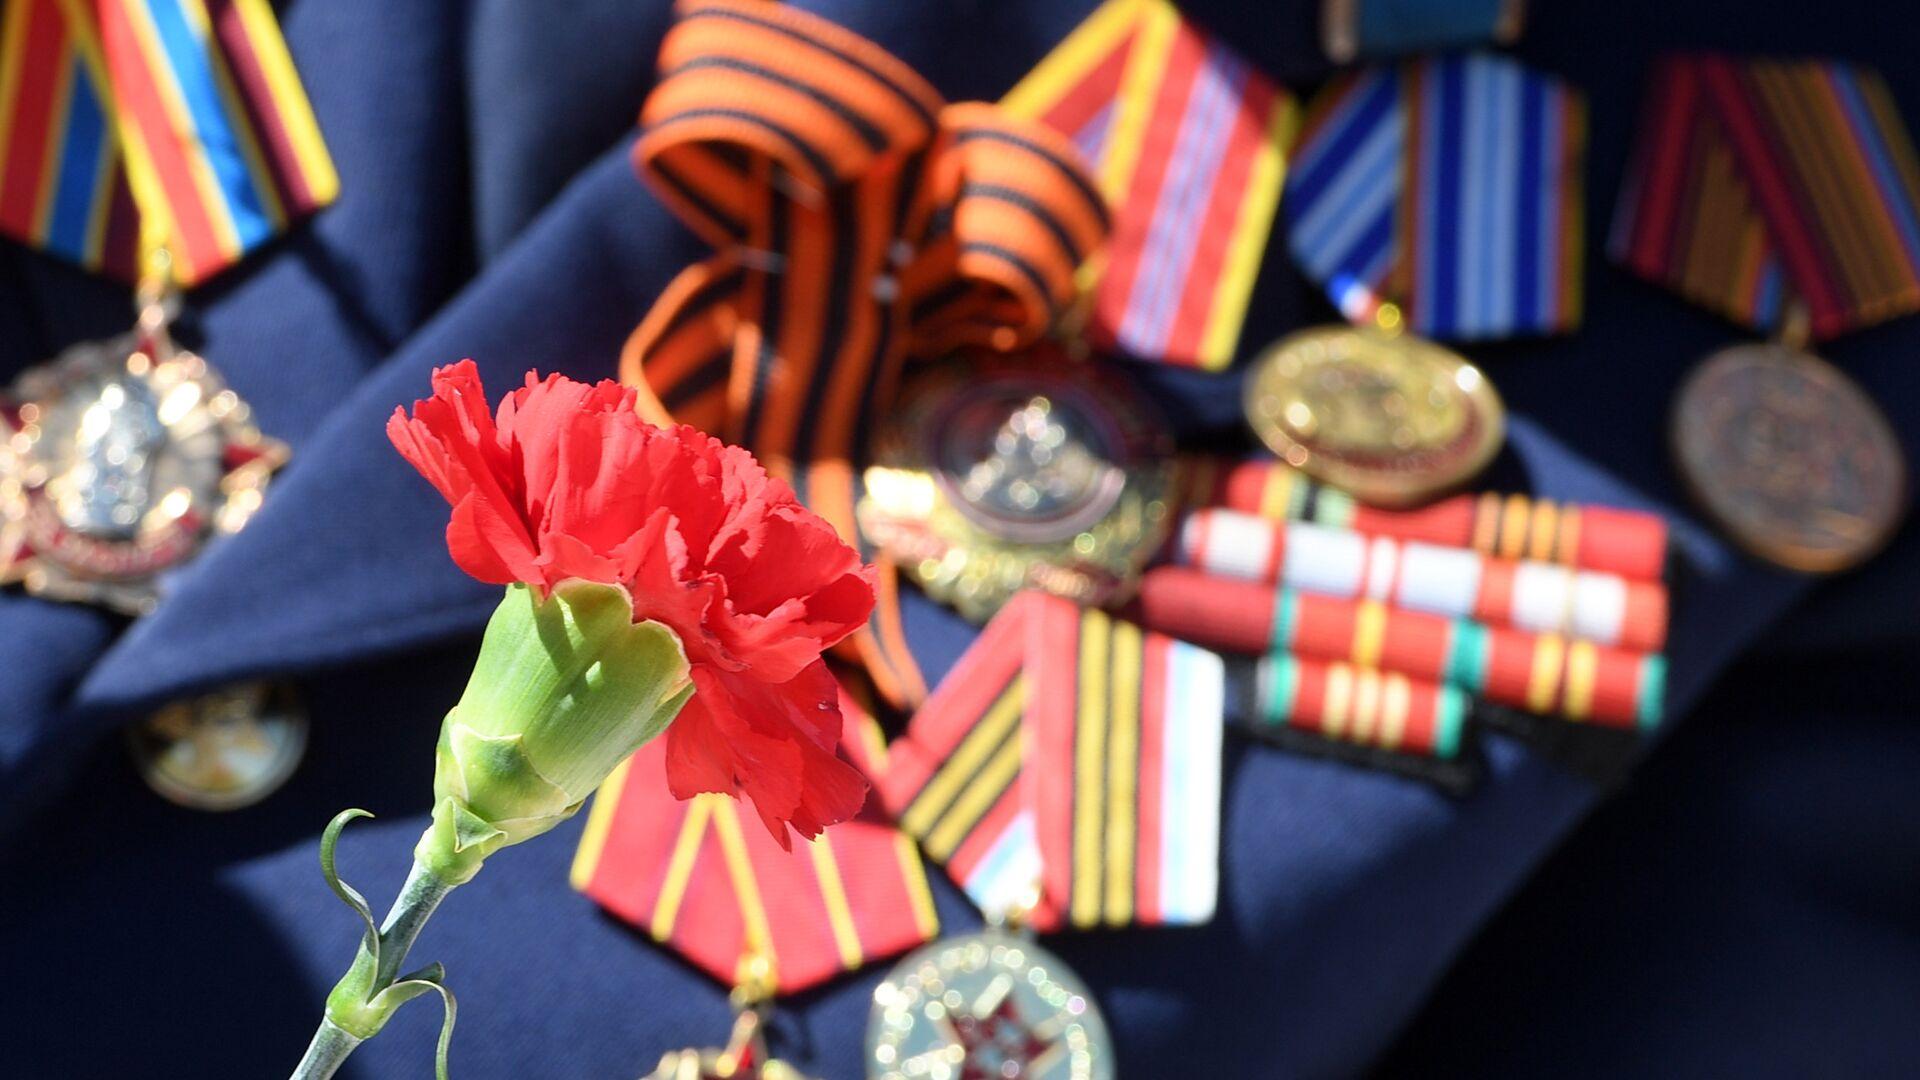 Китель с медалями ветерана Великой Отечественной войны - РИА Новости, 1920, 24.02.2021